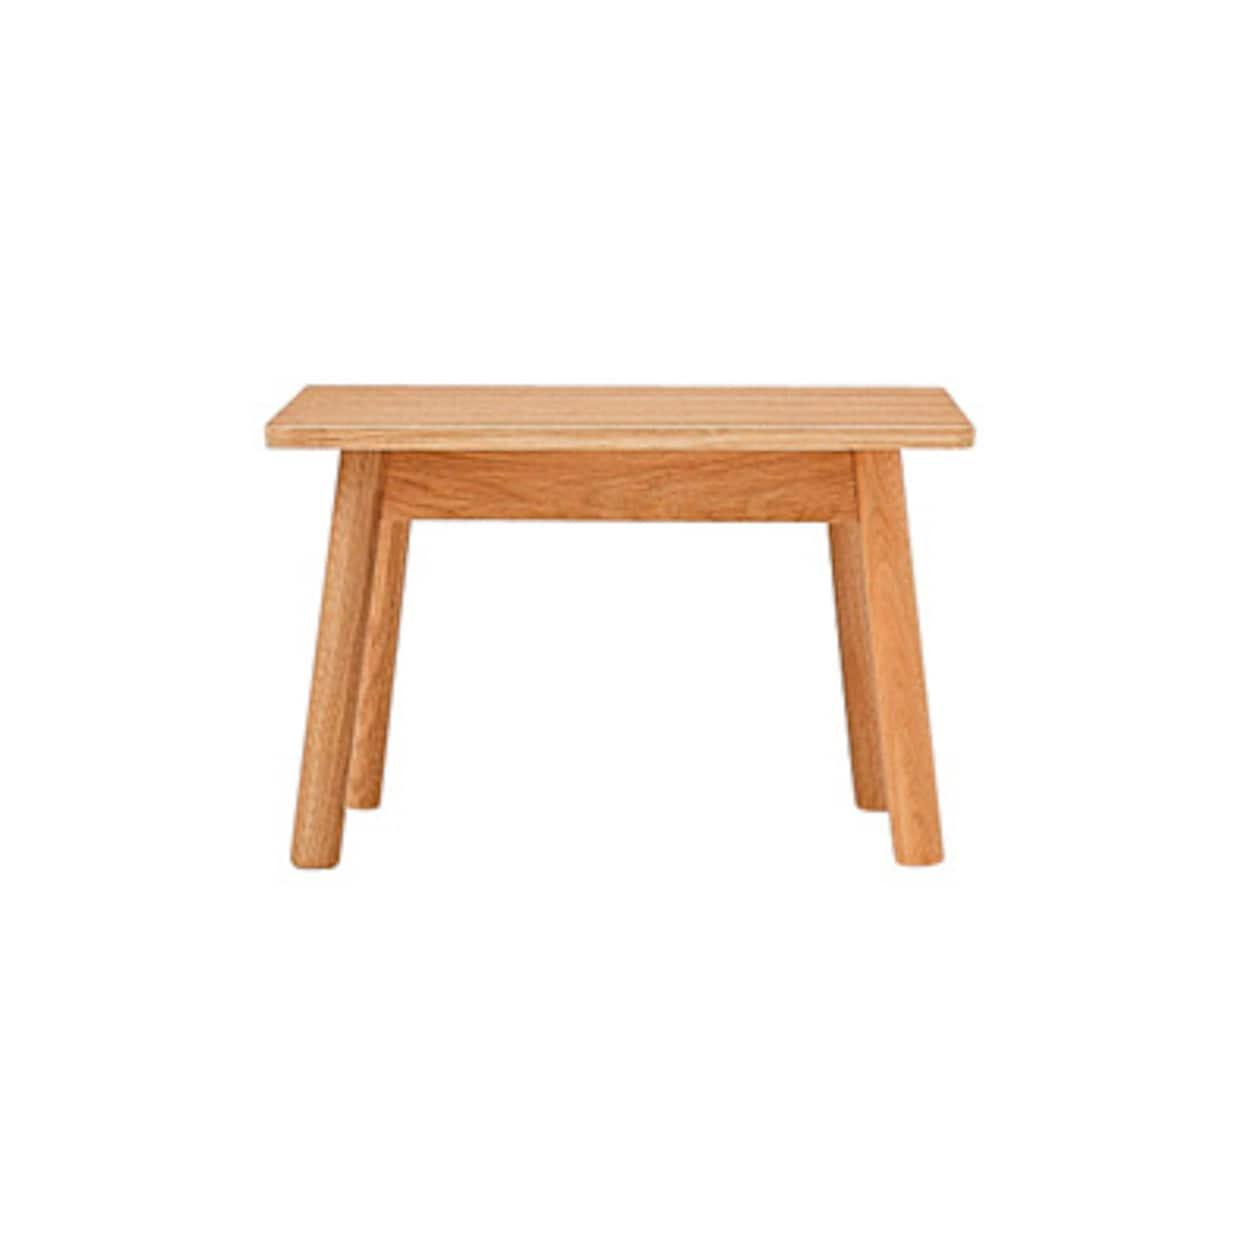 オーク材ラウンジテーブル3